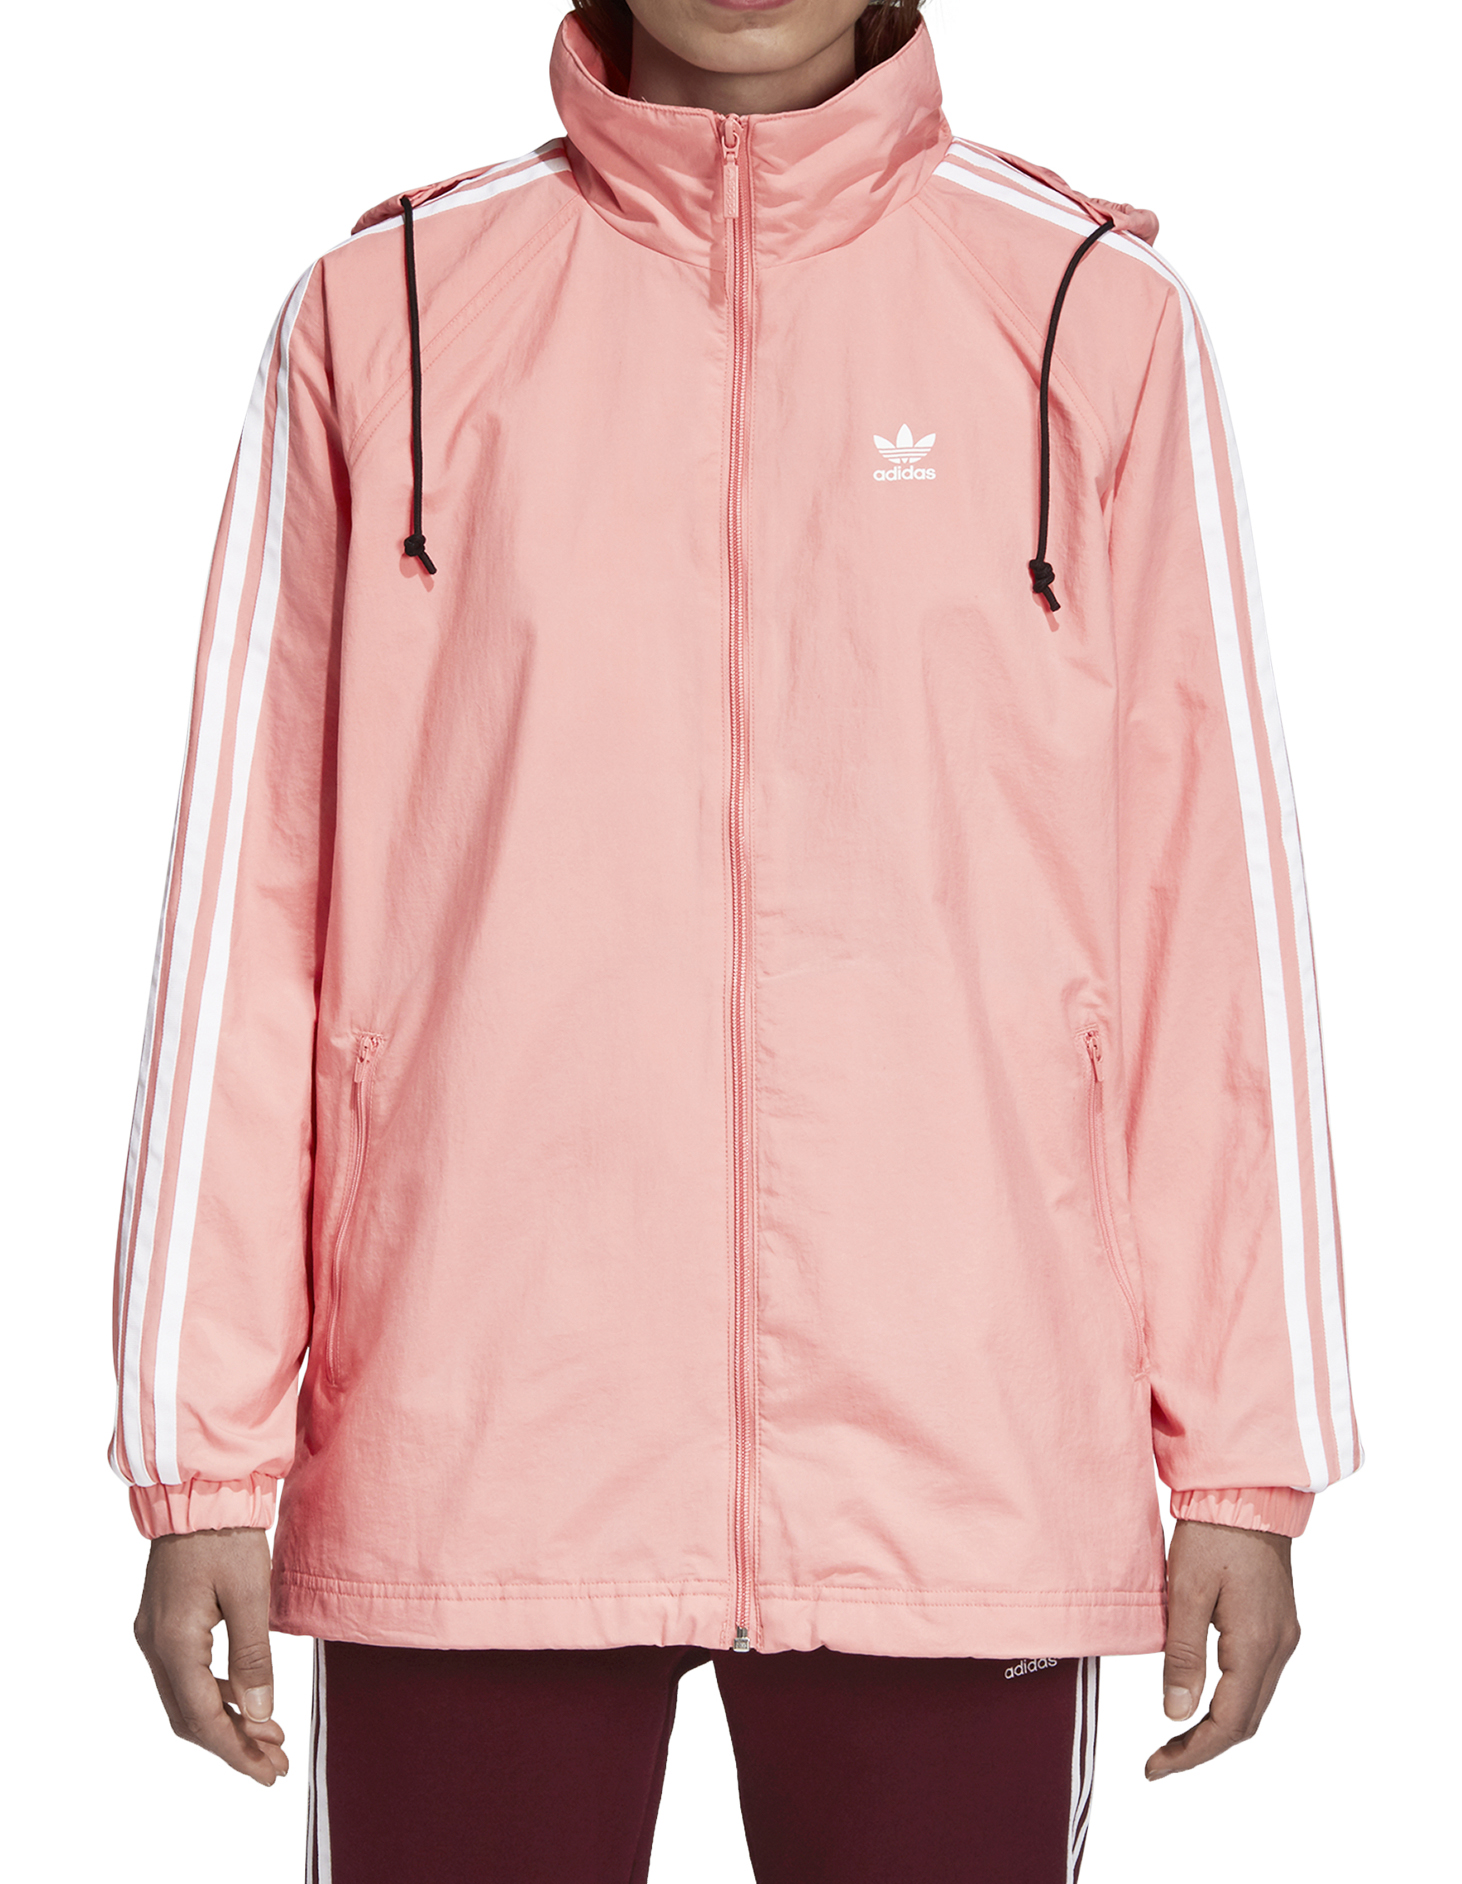 adidas Stadium Jacke tactile rose (Damen) (DH4591) ab € 61,69